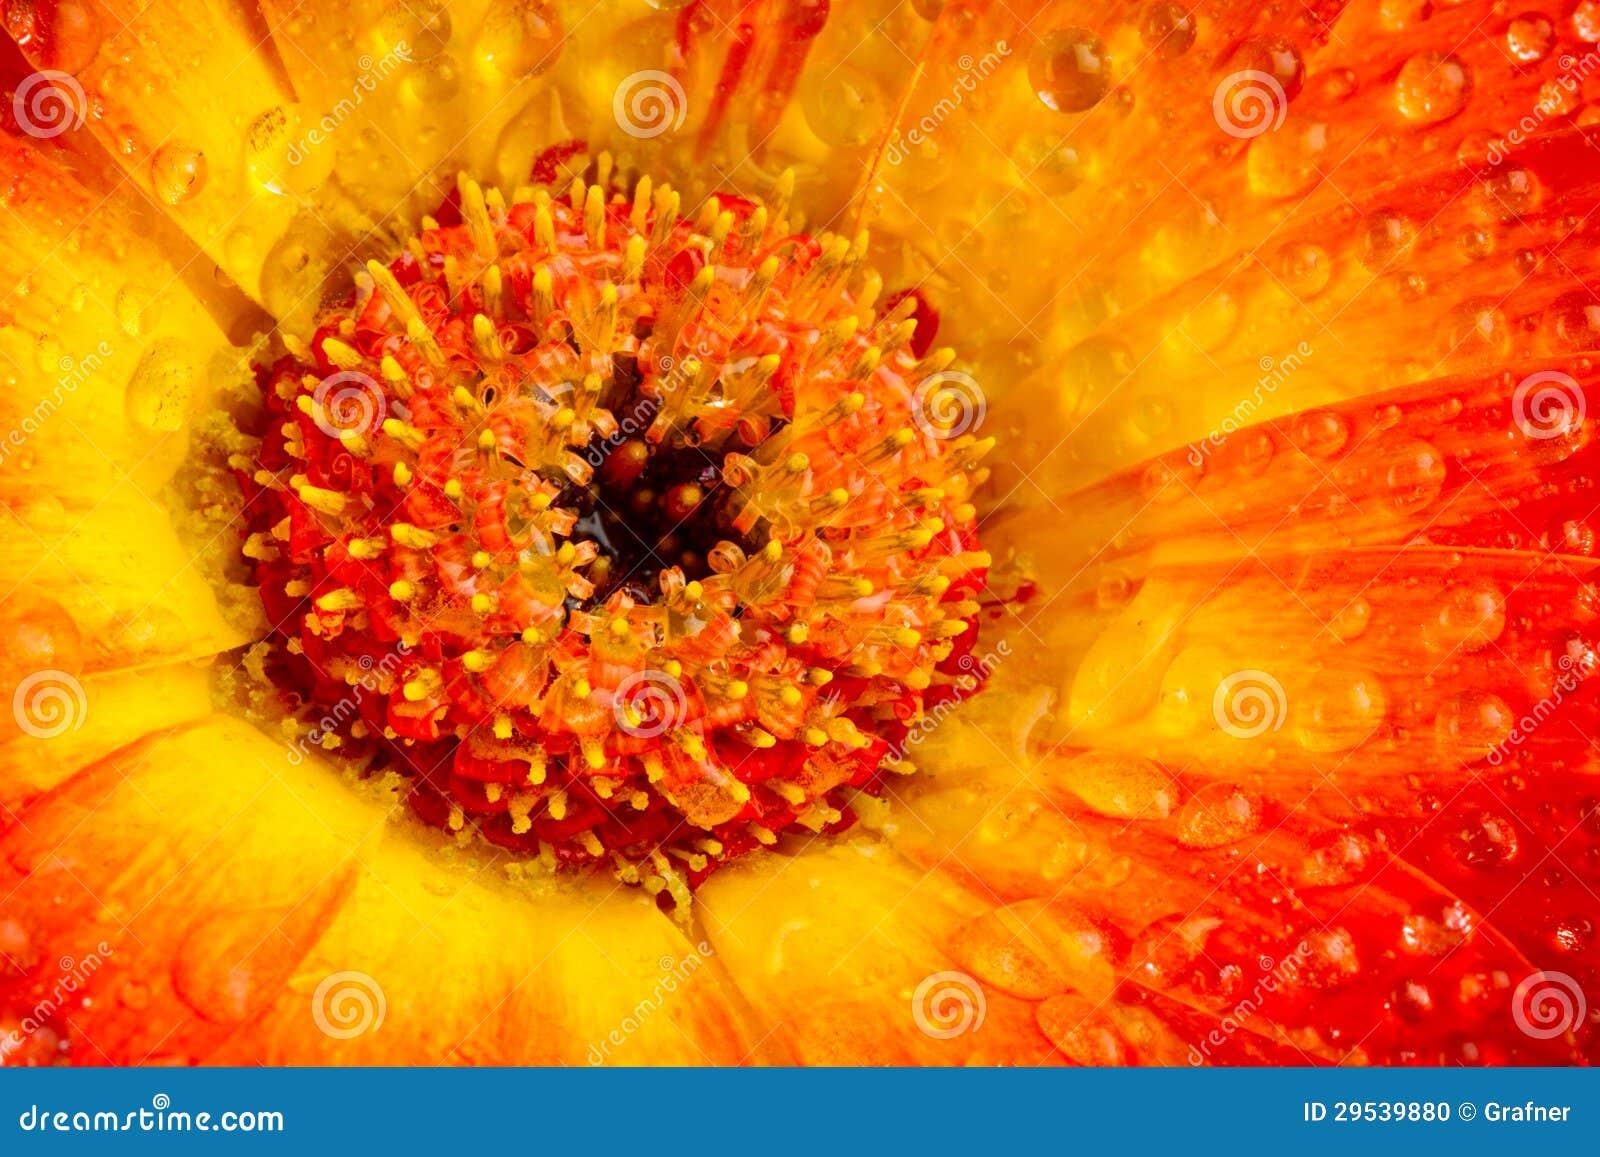 Flor do gerbera do amarelo alaranjado